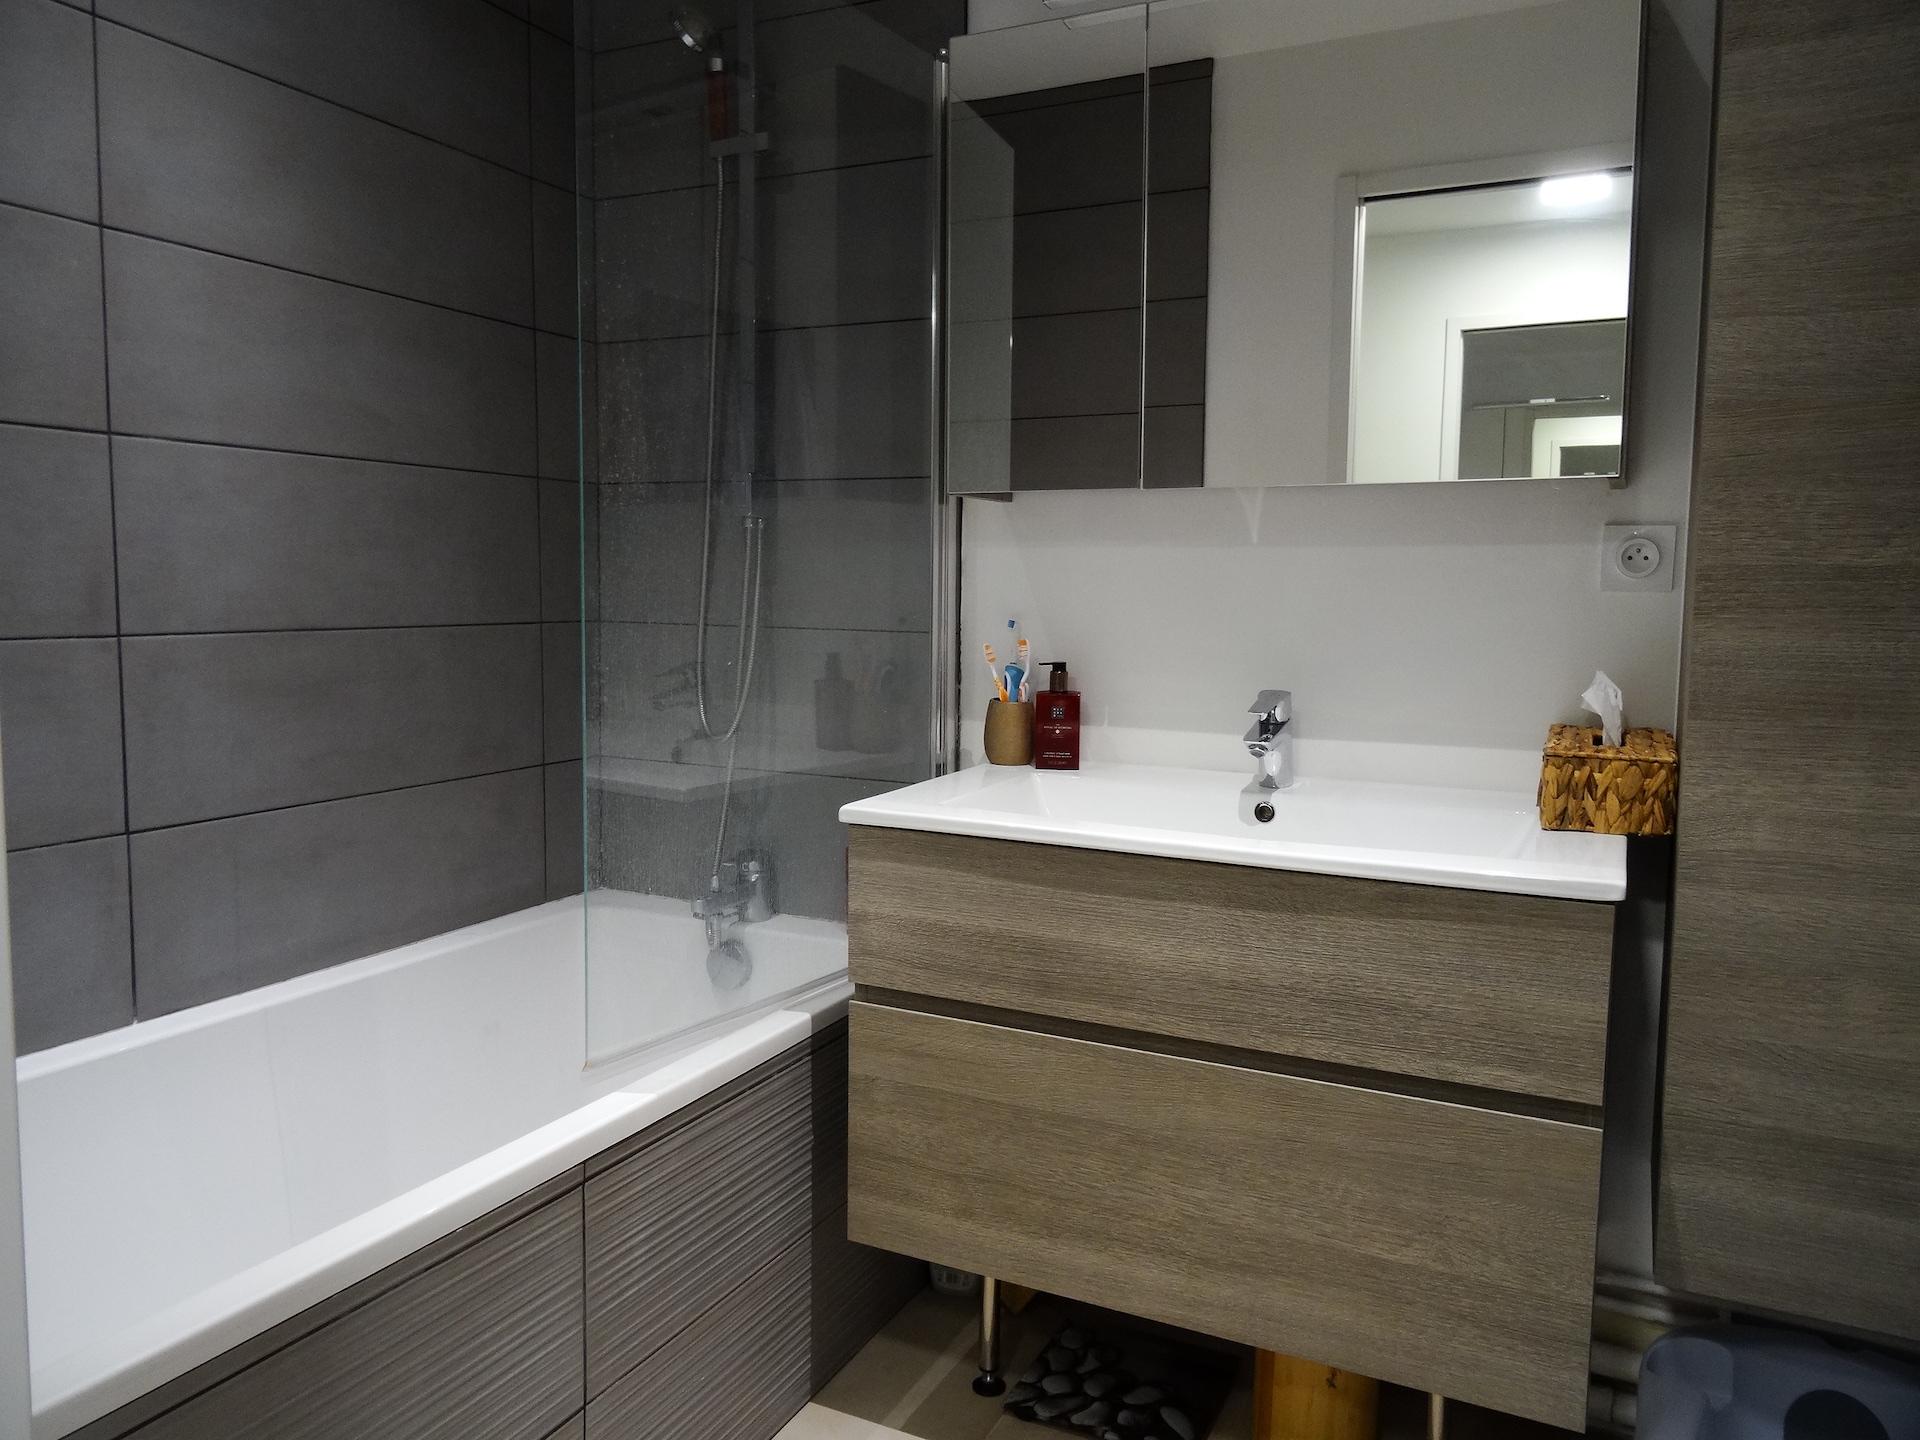 Vente-appartement-3-pieces-boulogne-la-clef-des-villes-agence-immobiliere-salle-de-bain